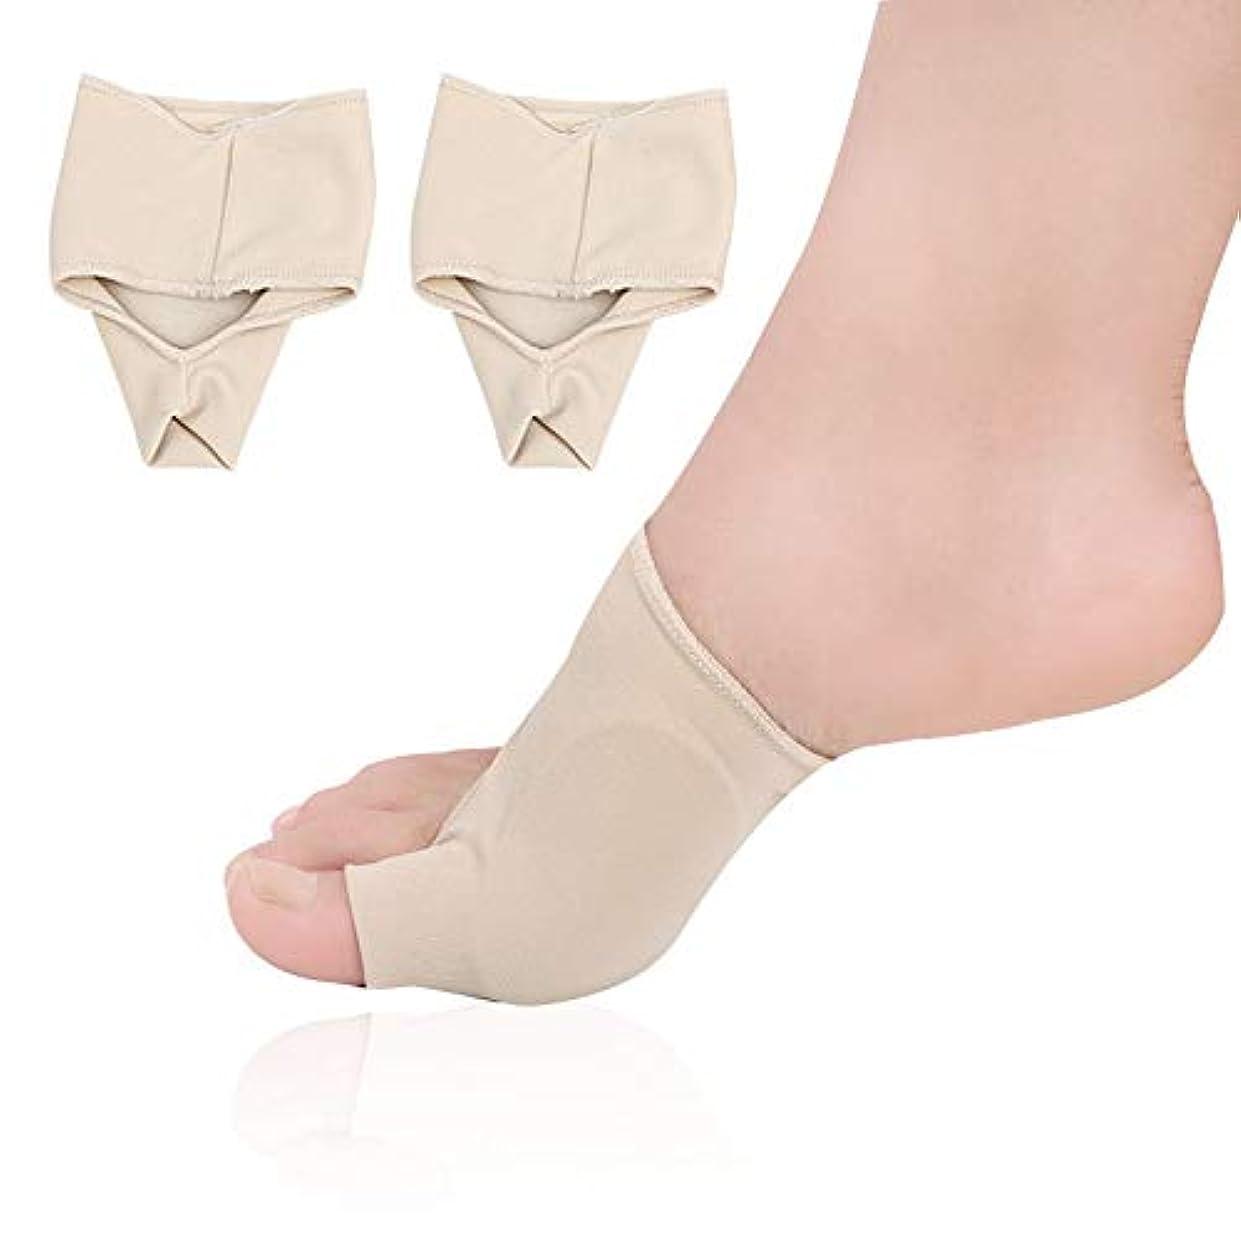 マウント物理的に教室つま先矯正靴下ケアつま先防止重複伸縮性の高いダンピング吸収汗通気性ライクラSEBS布,5pairs,L